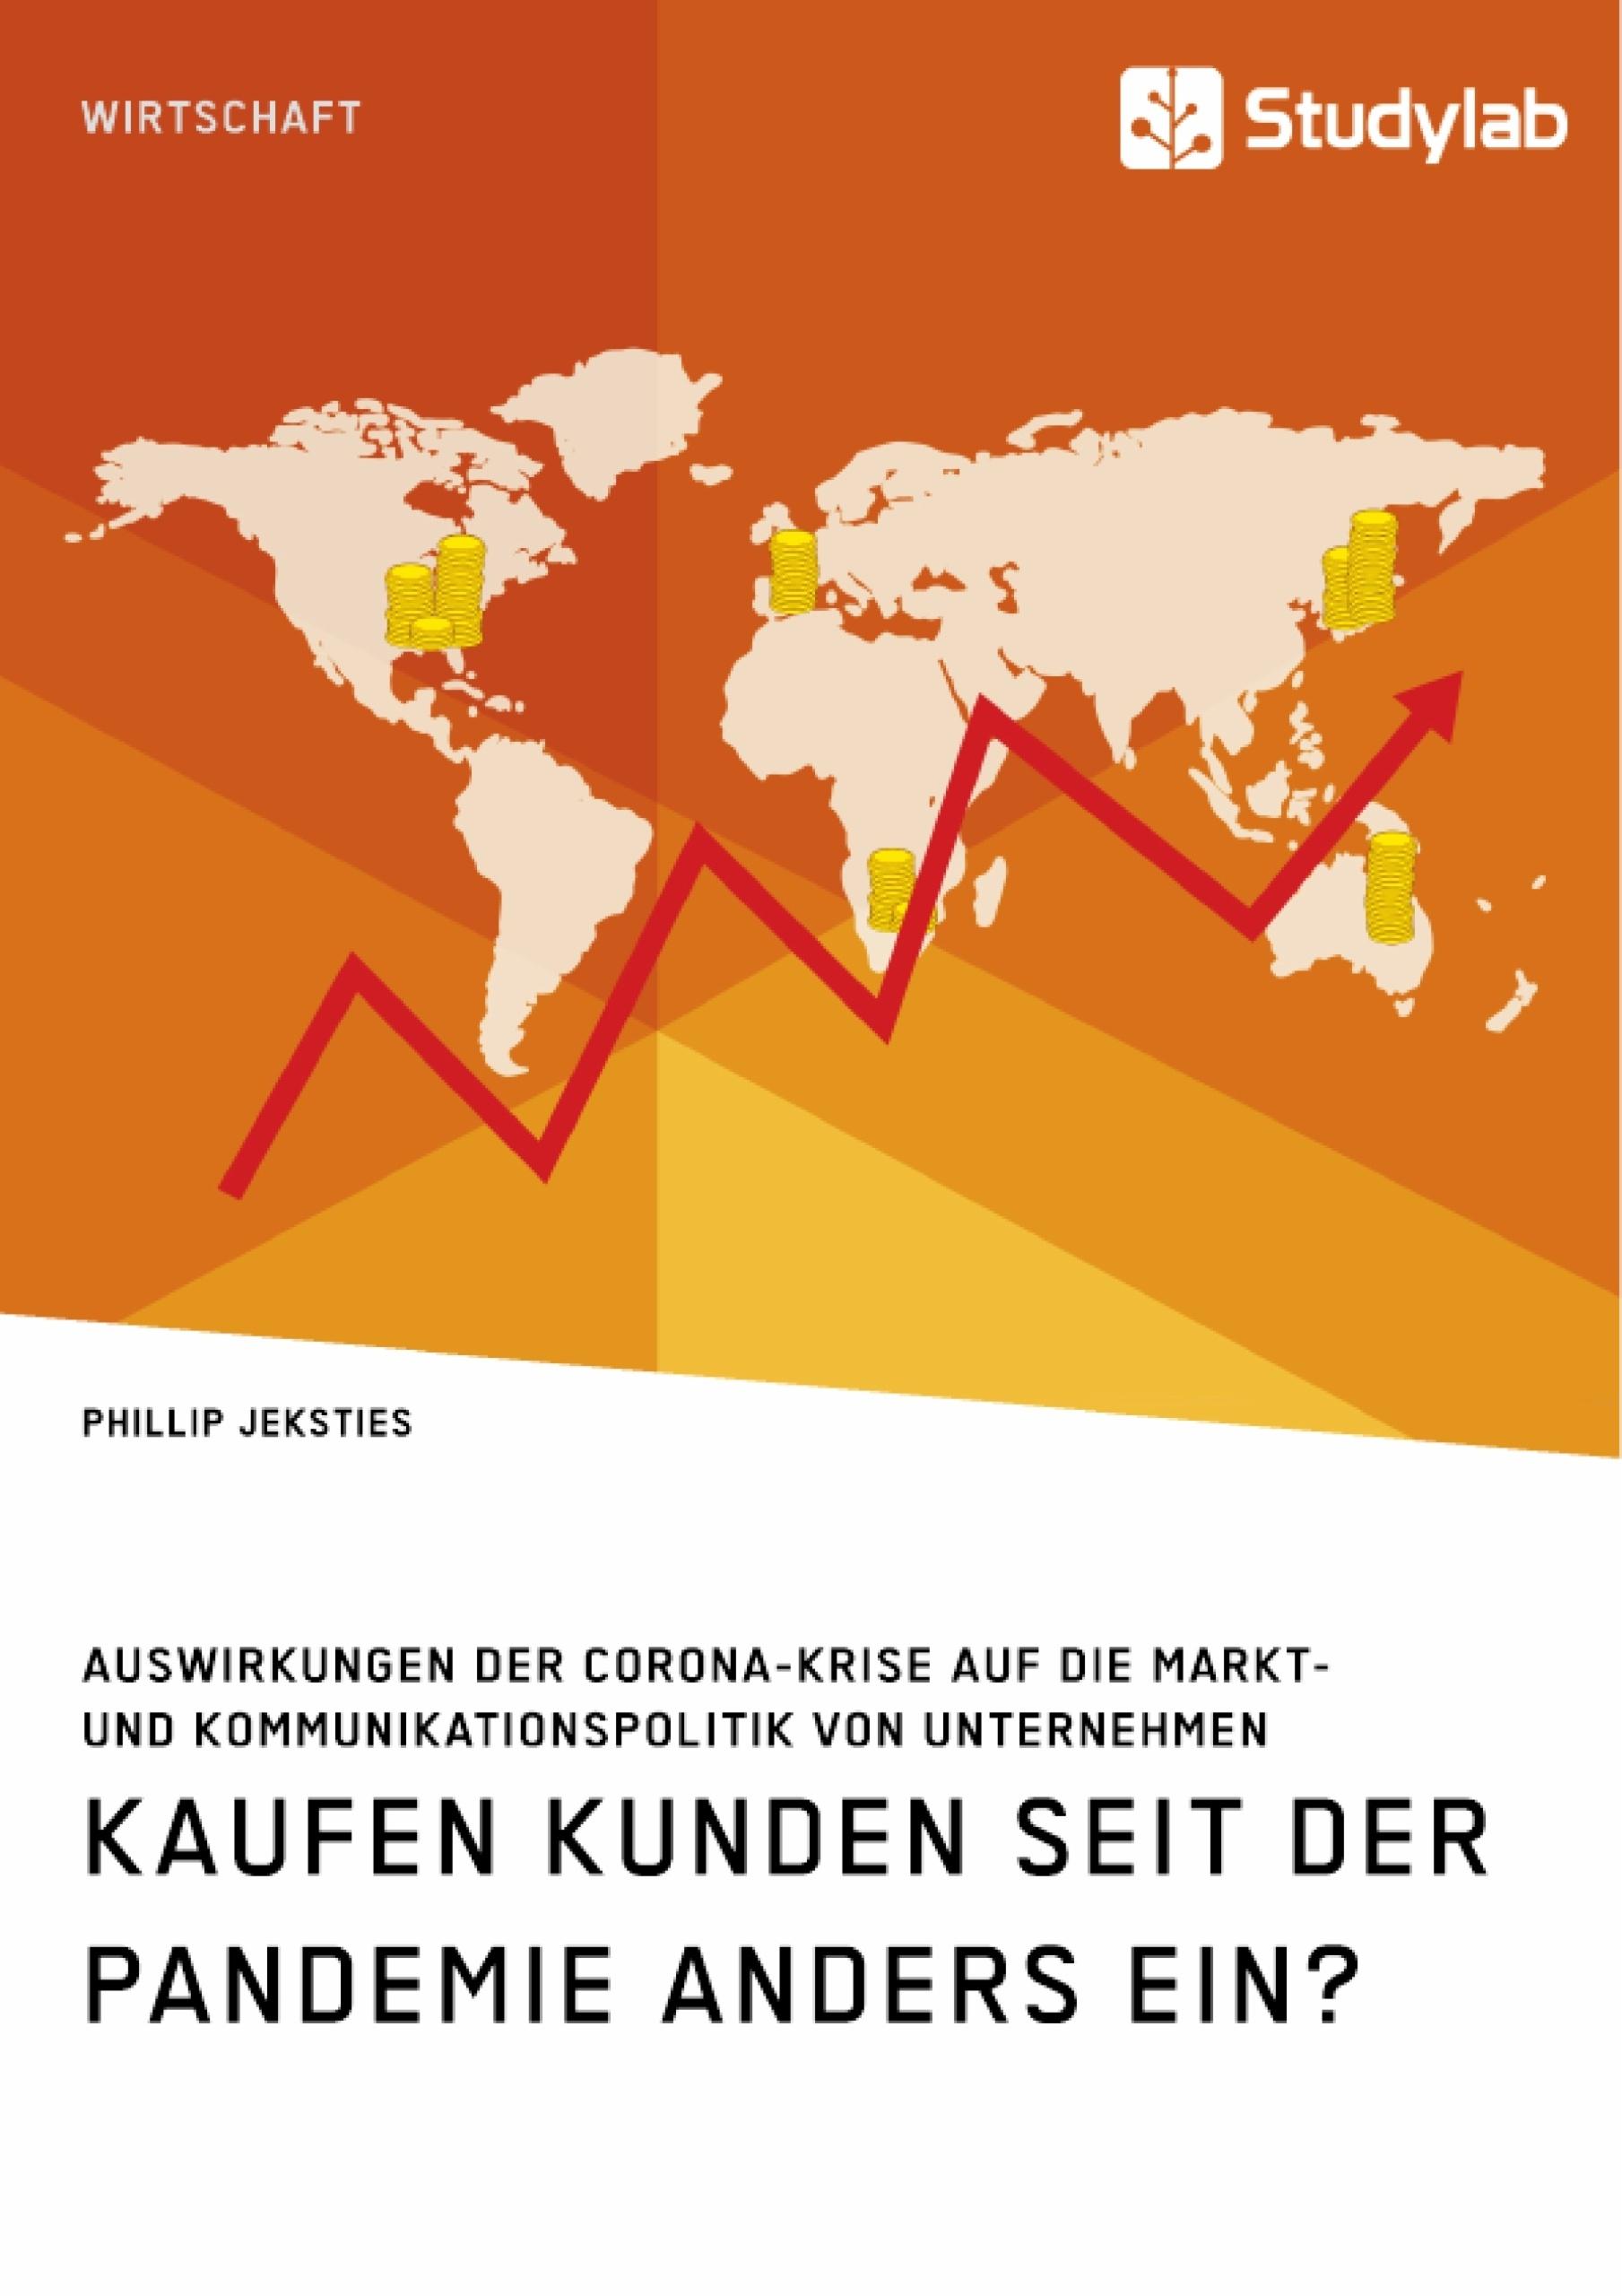 Titel: Kaufen Kunden seit der Pandemie anders ein? Auswirkungen der Corona-Krise auf die Markt- und Kommunikationspolitik von Unternehmen